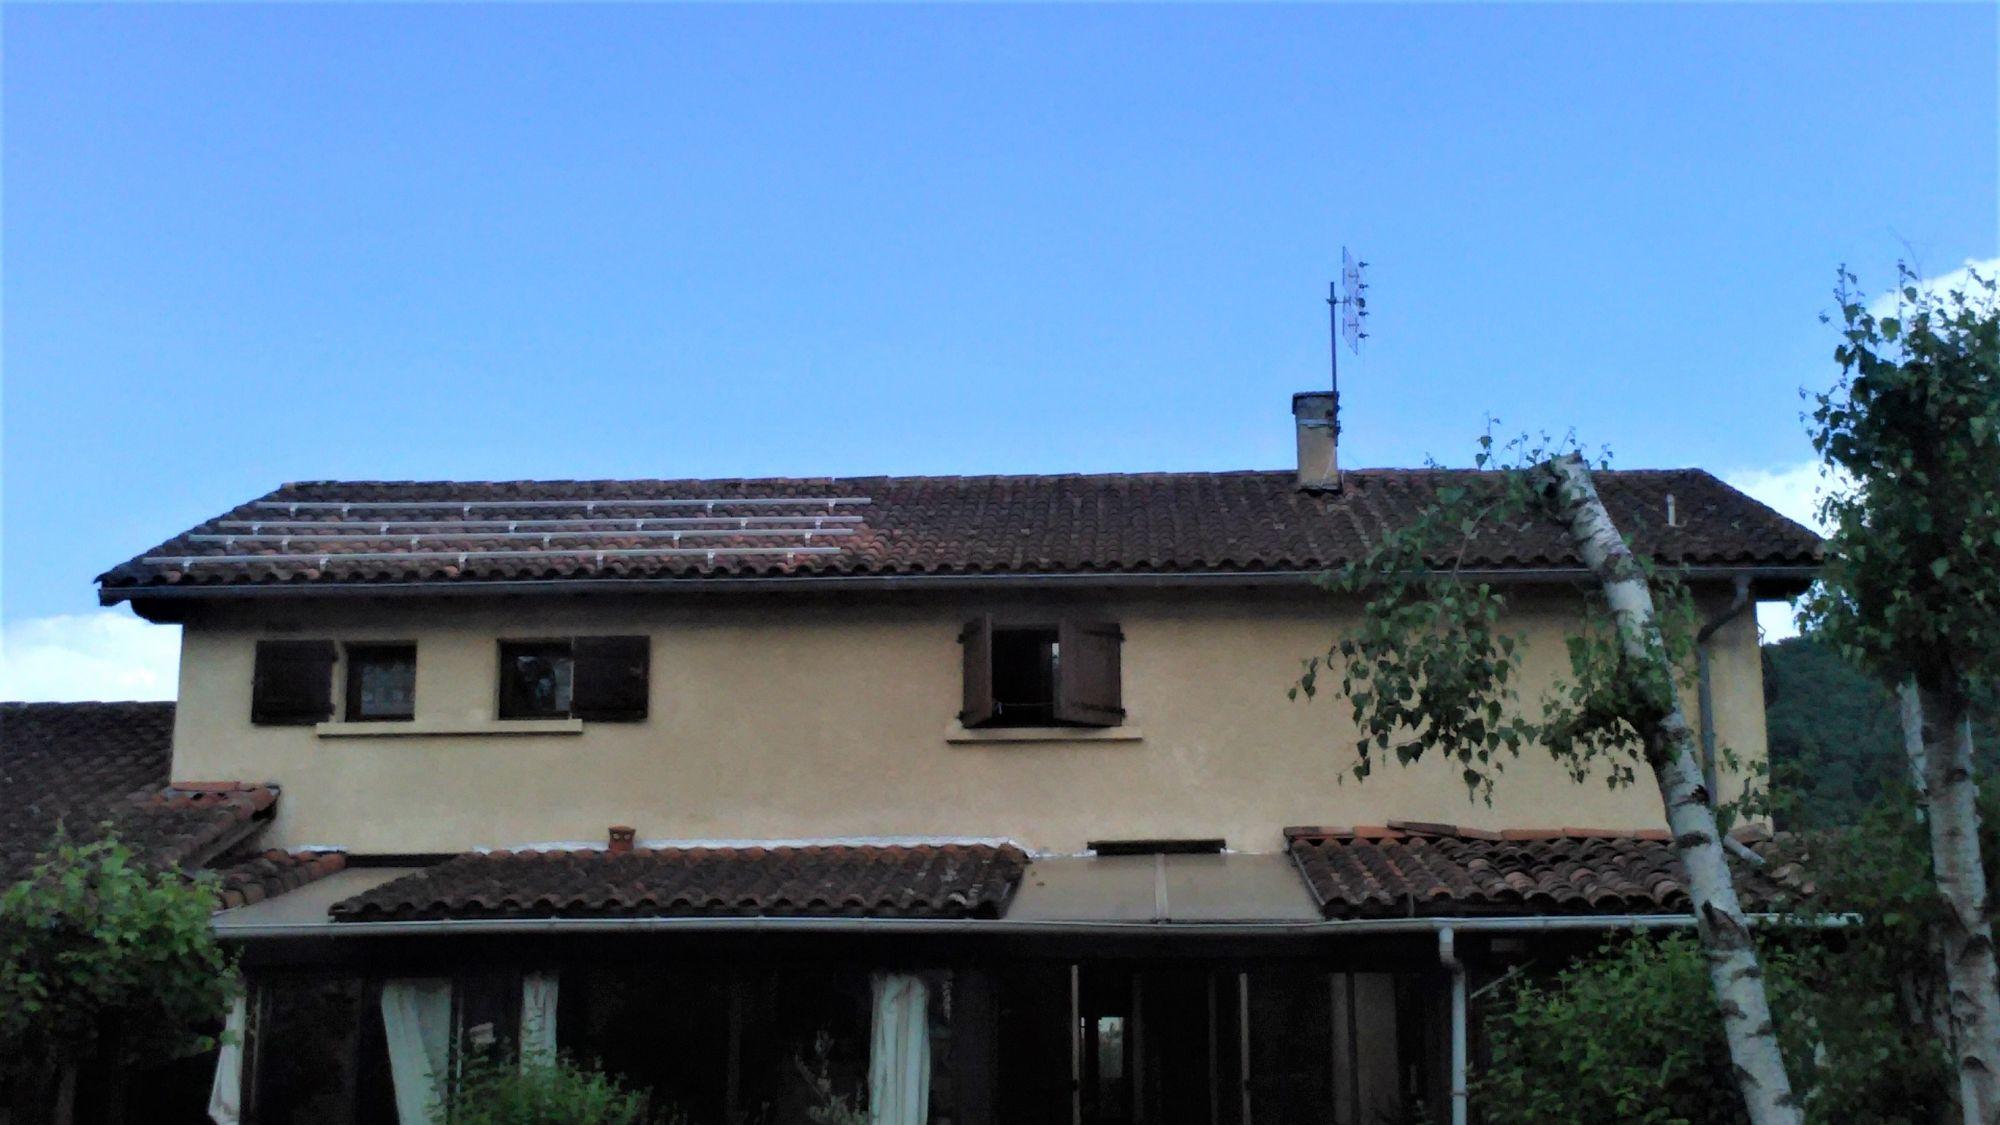 Installation pour une pose de panneaux solaires sur toiture en surimposition